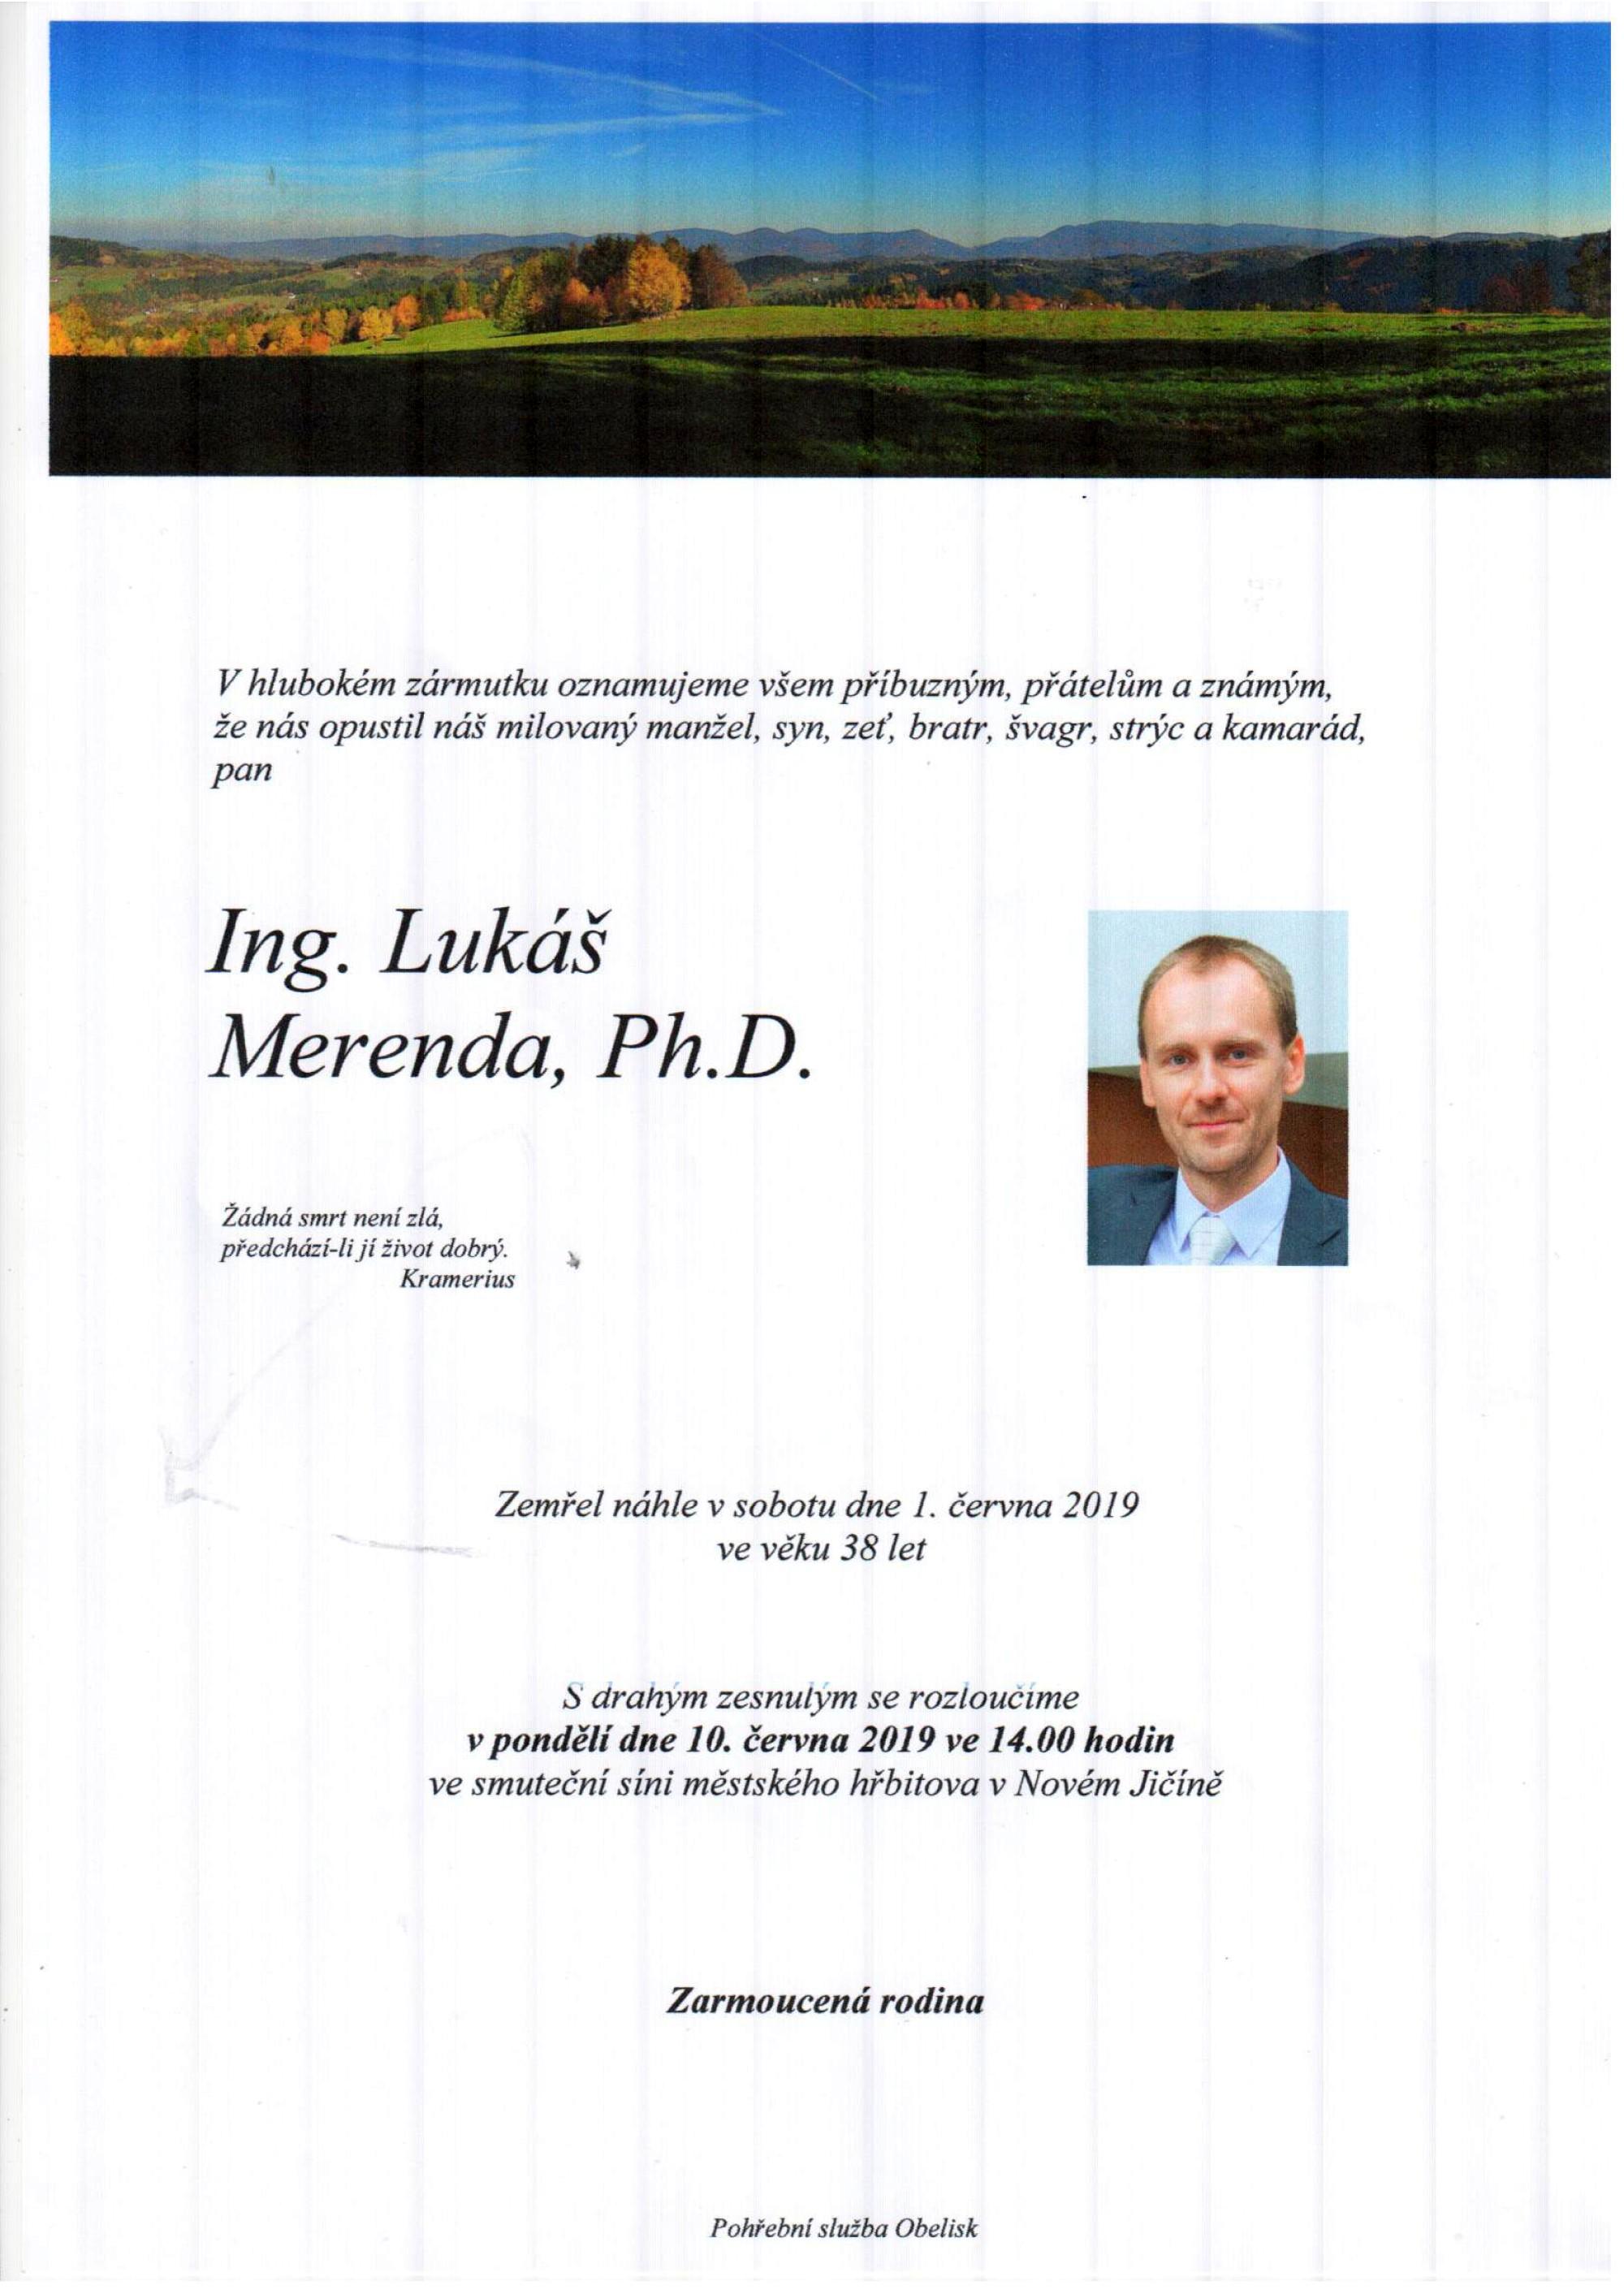 Ing. Lukáš Merenda, Ph.D.